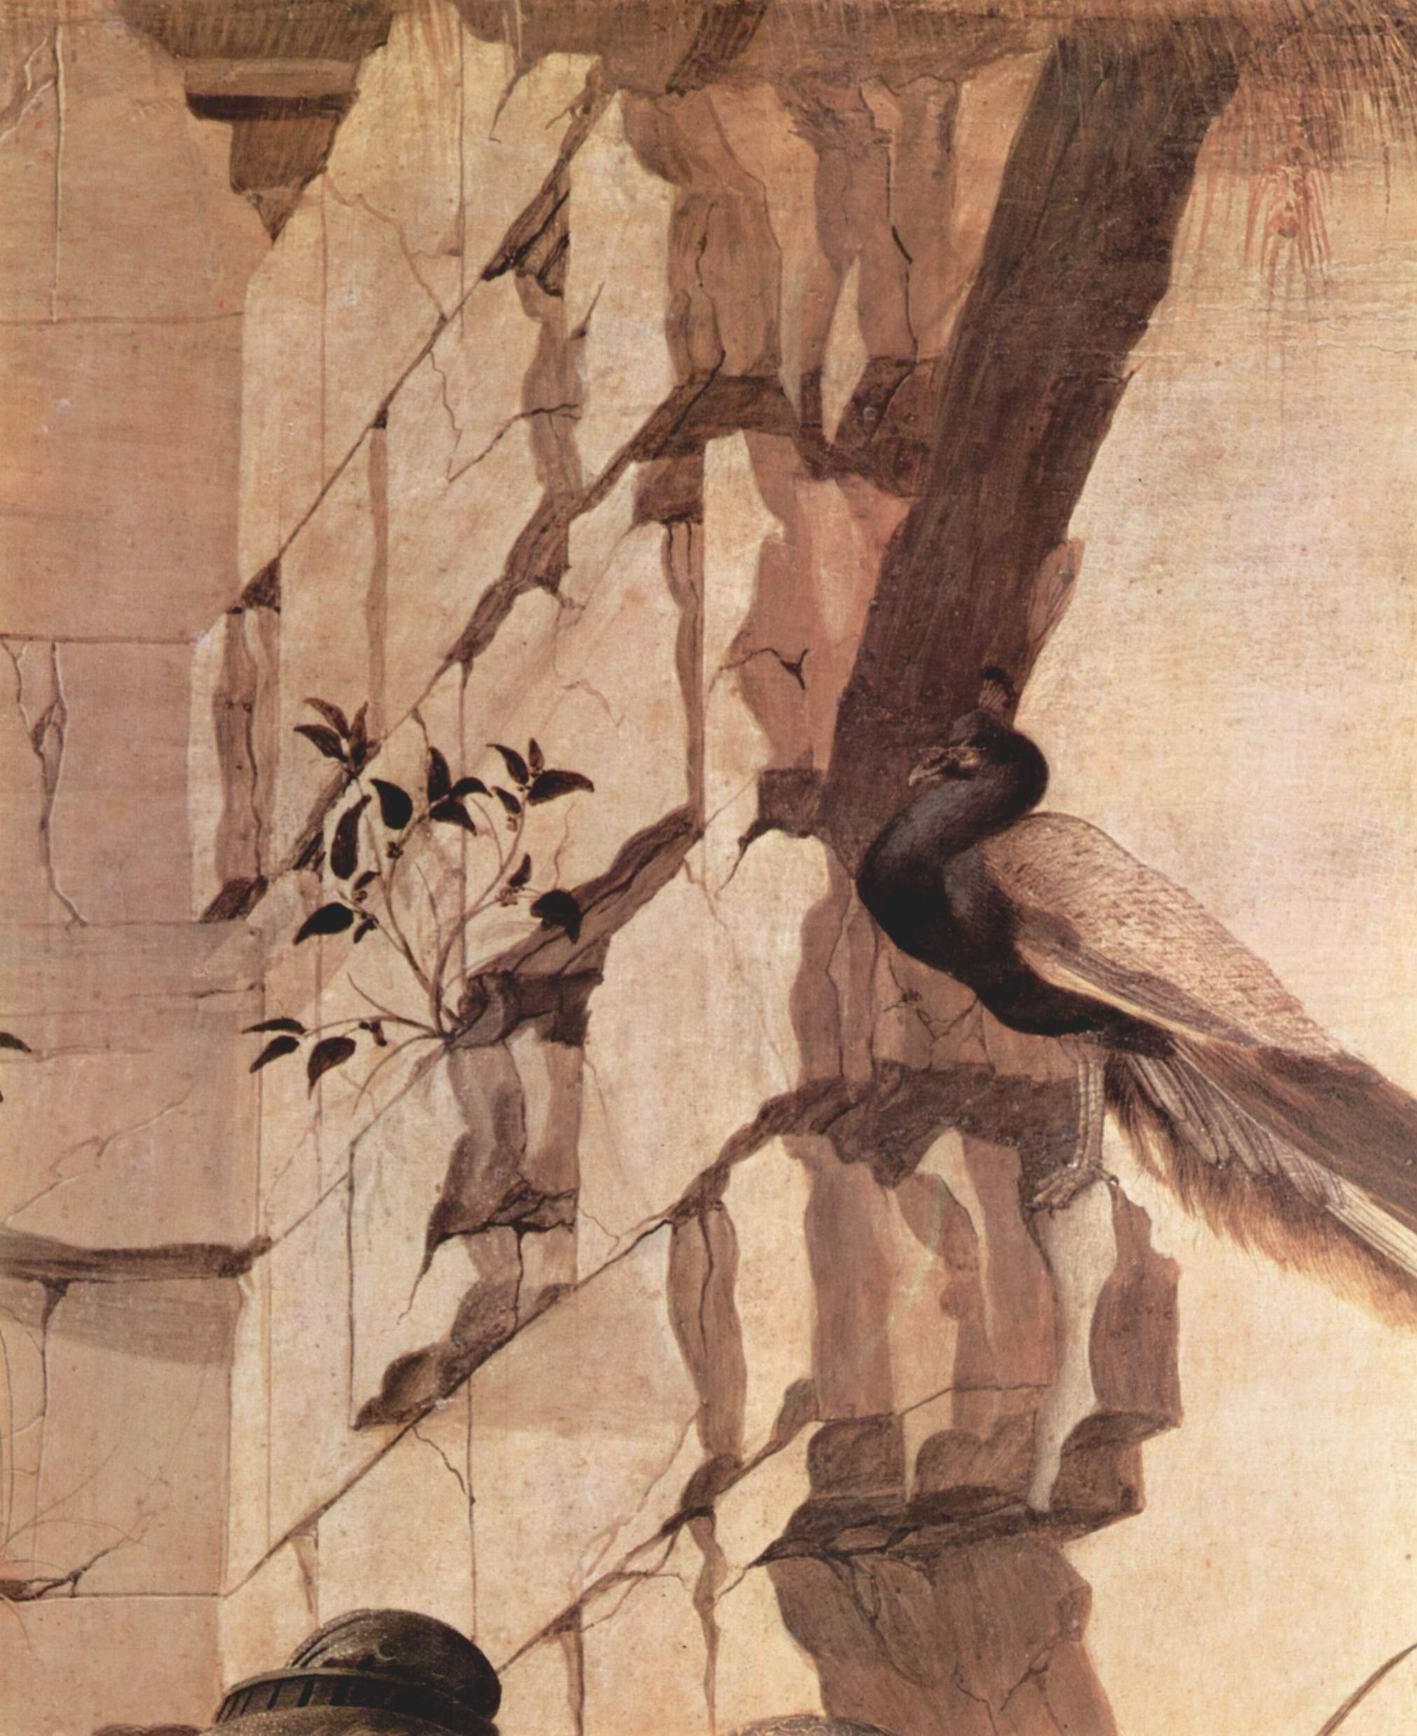 Алтарь Заноби, поклонение волхвов. Деталь  фазан, Сандро Боттичелли